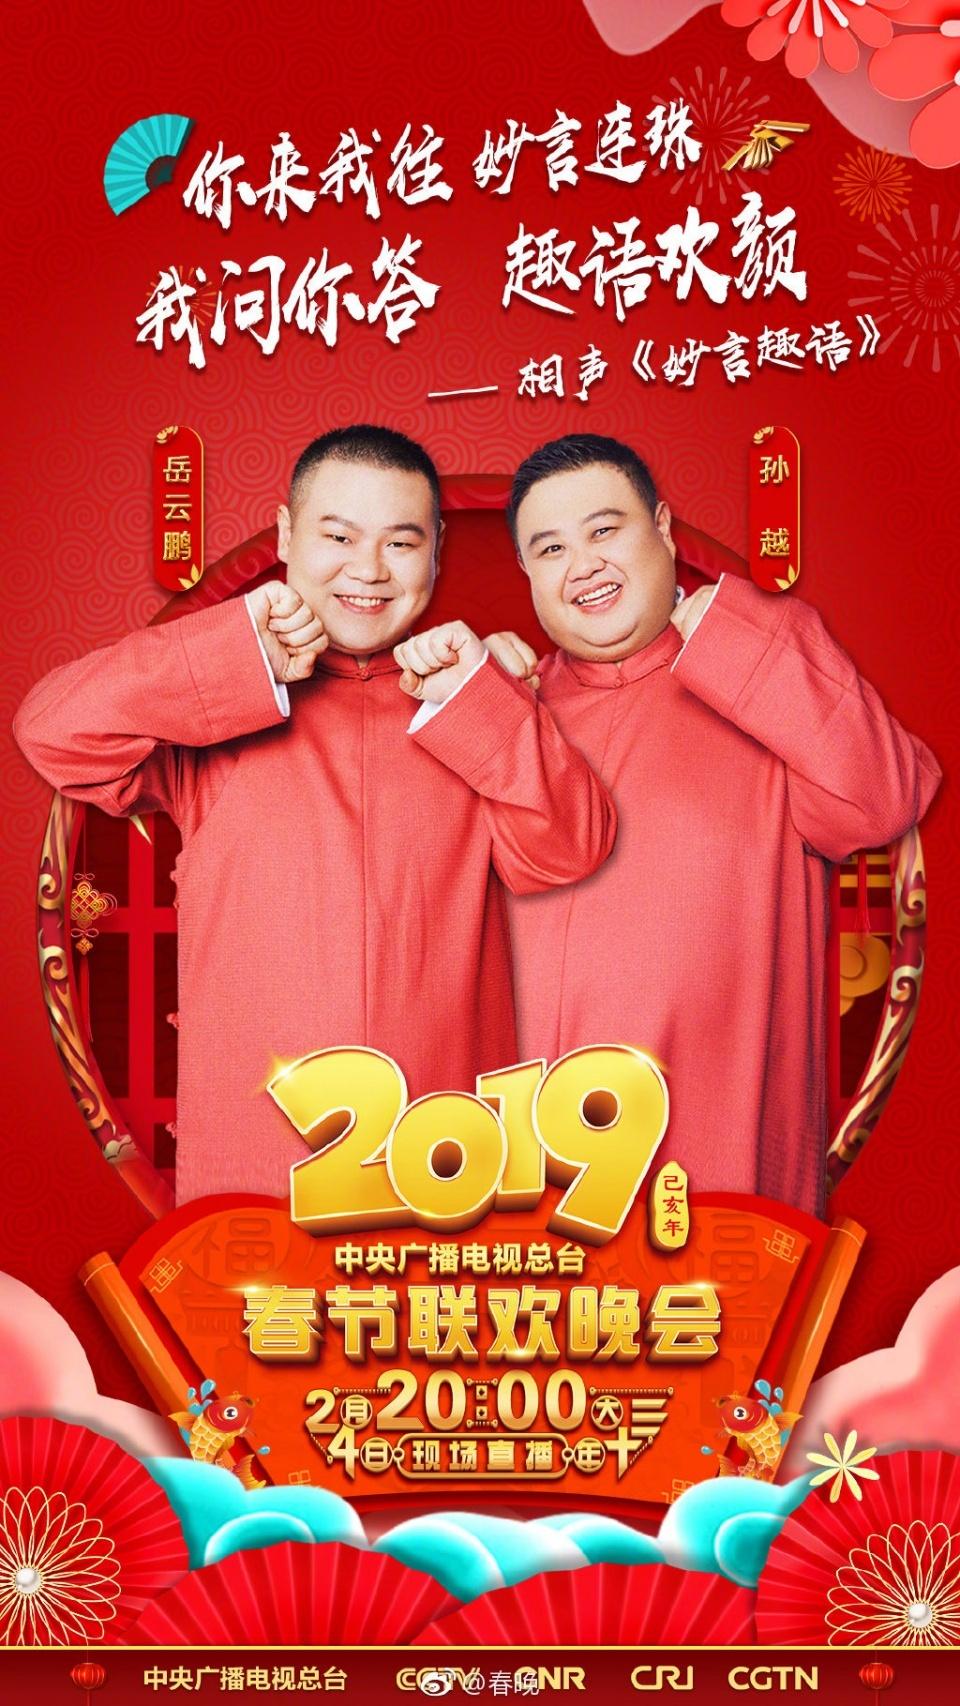 2019央视春晚节目单最终版出炉!猪年央视春晚节目看点介绍